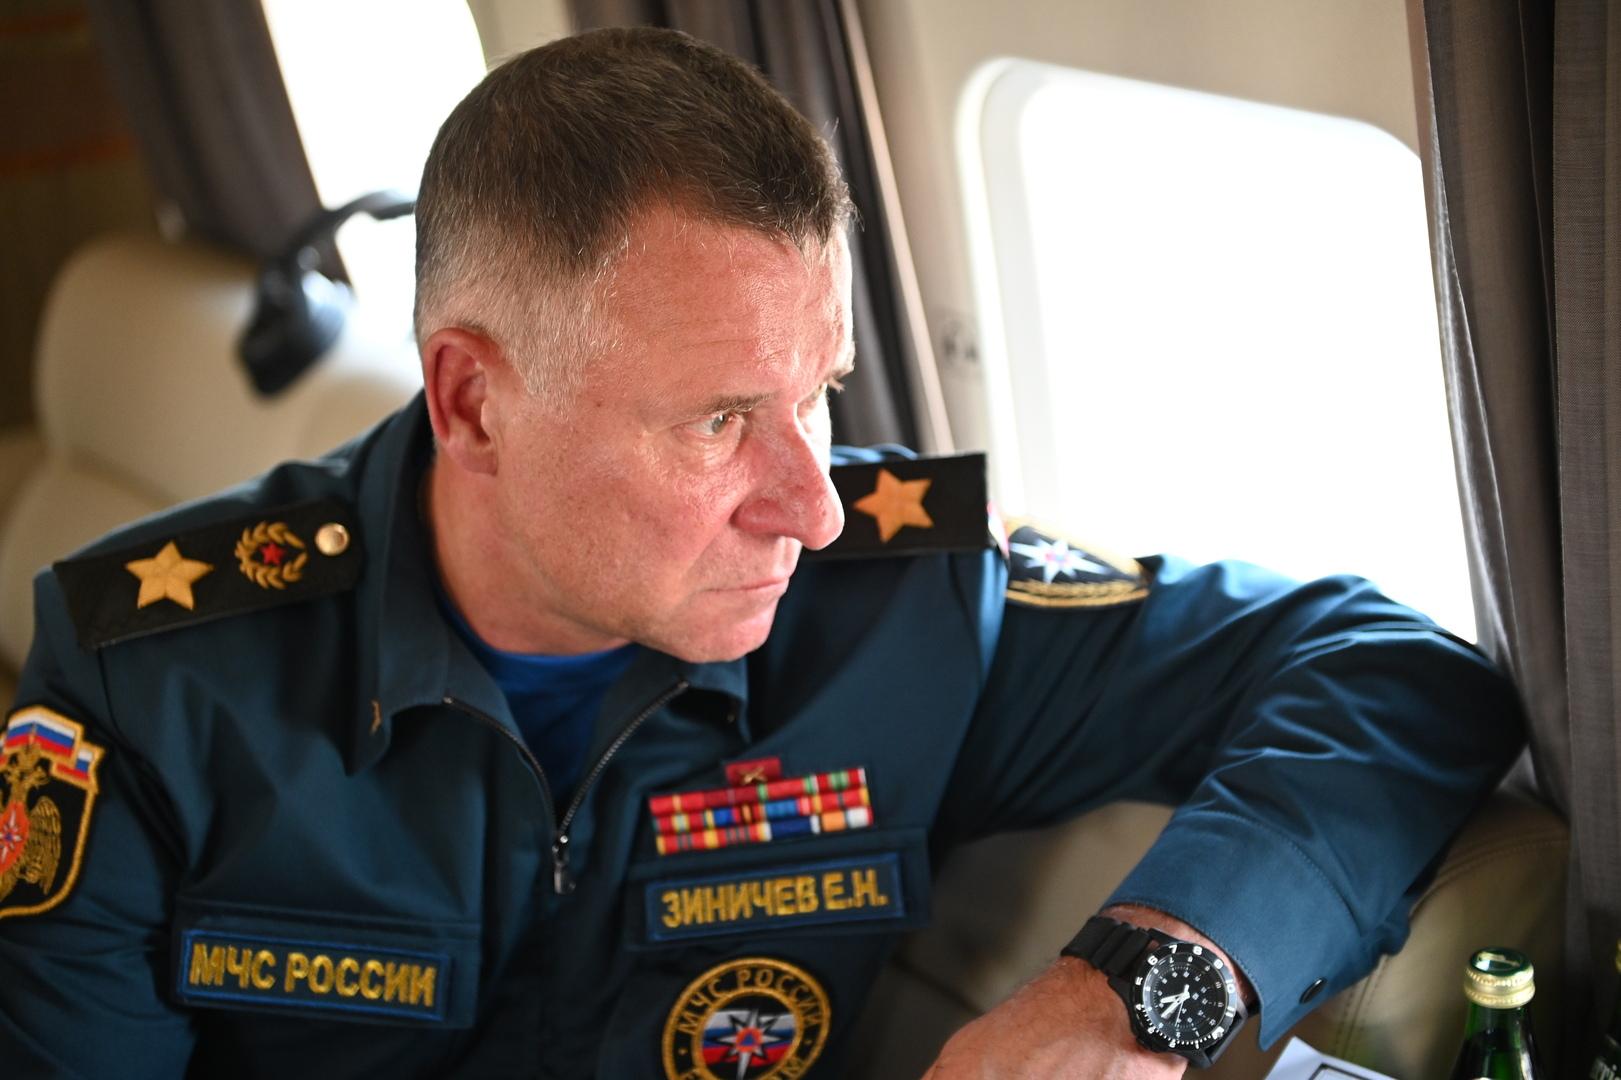 وفاة وزير الطوارئ الروسي لدى محاولته إنقاذ شخص خلال تدريبات